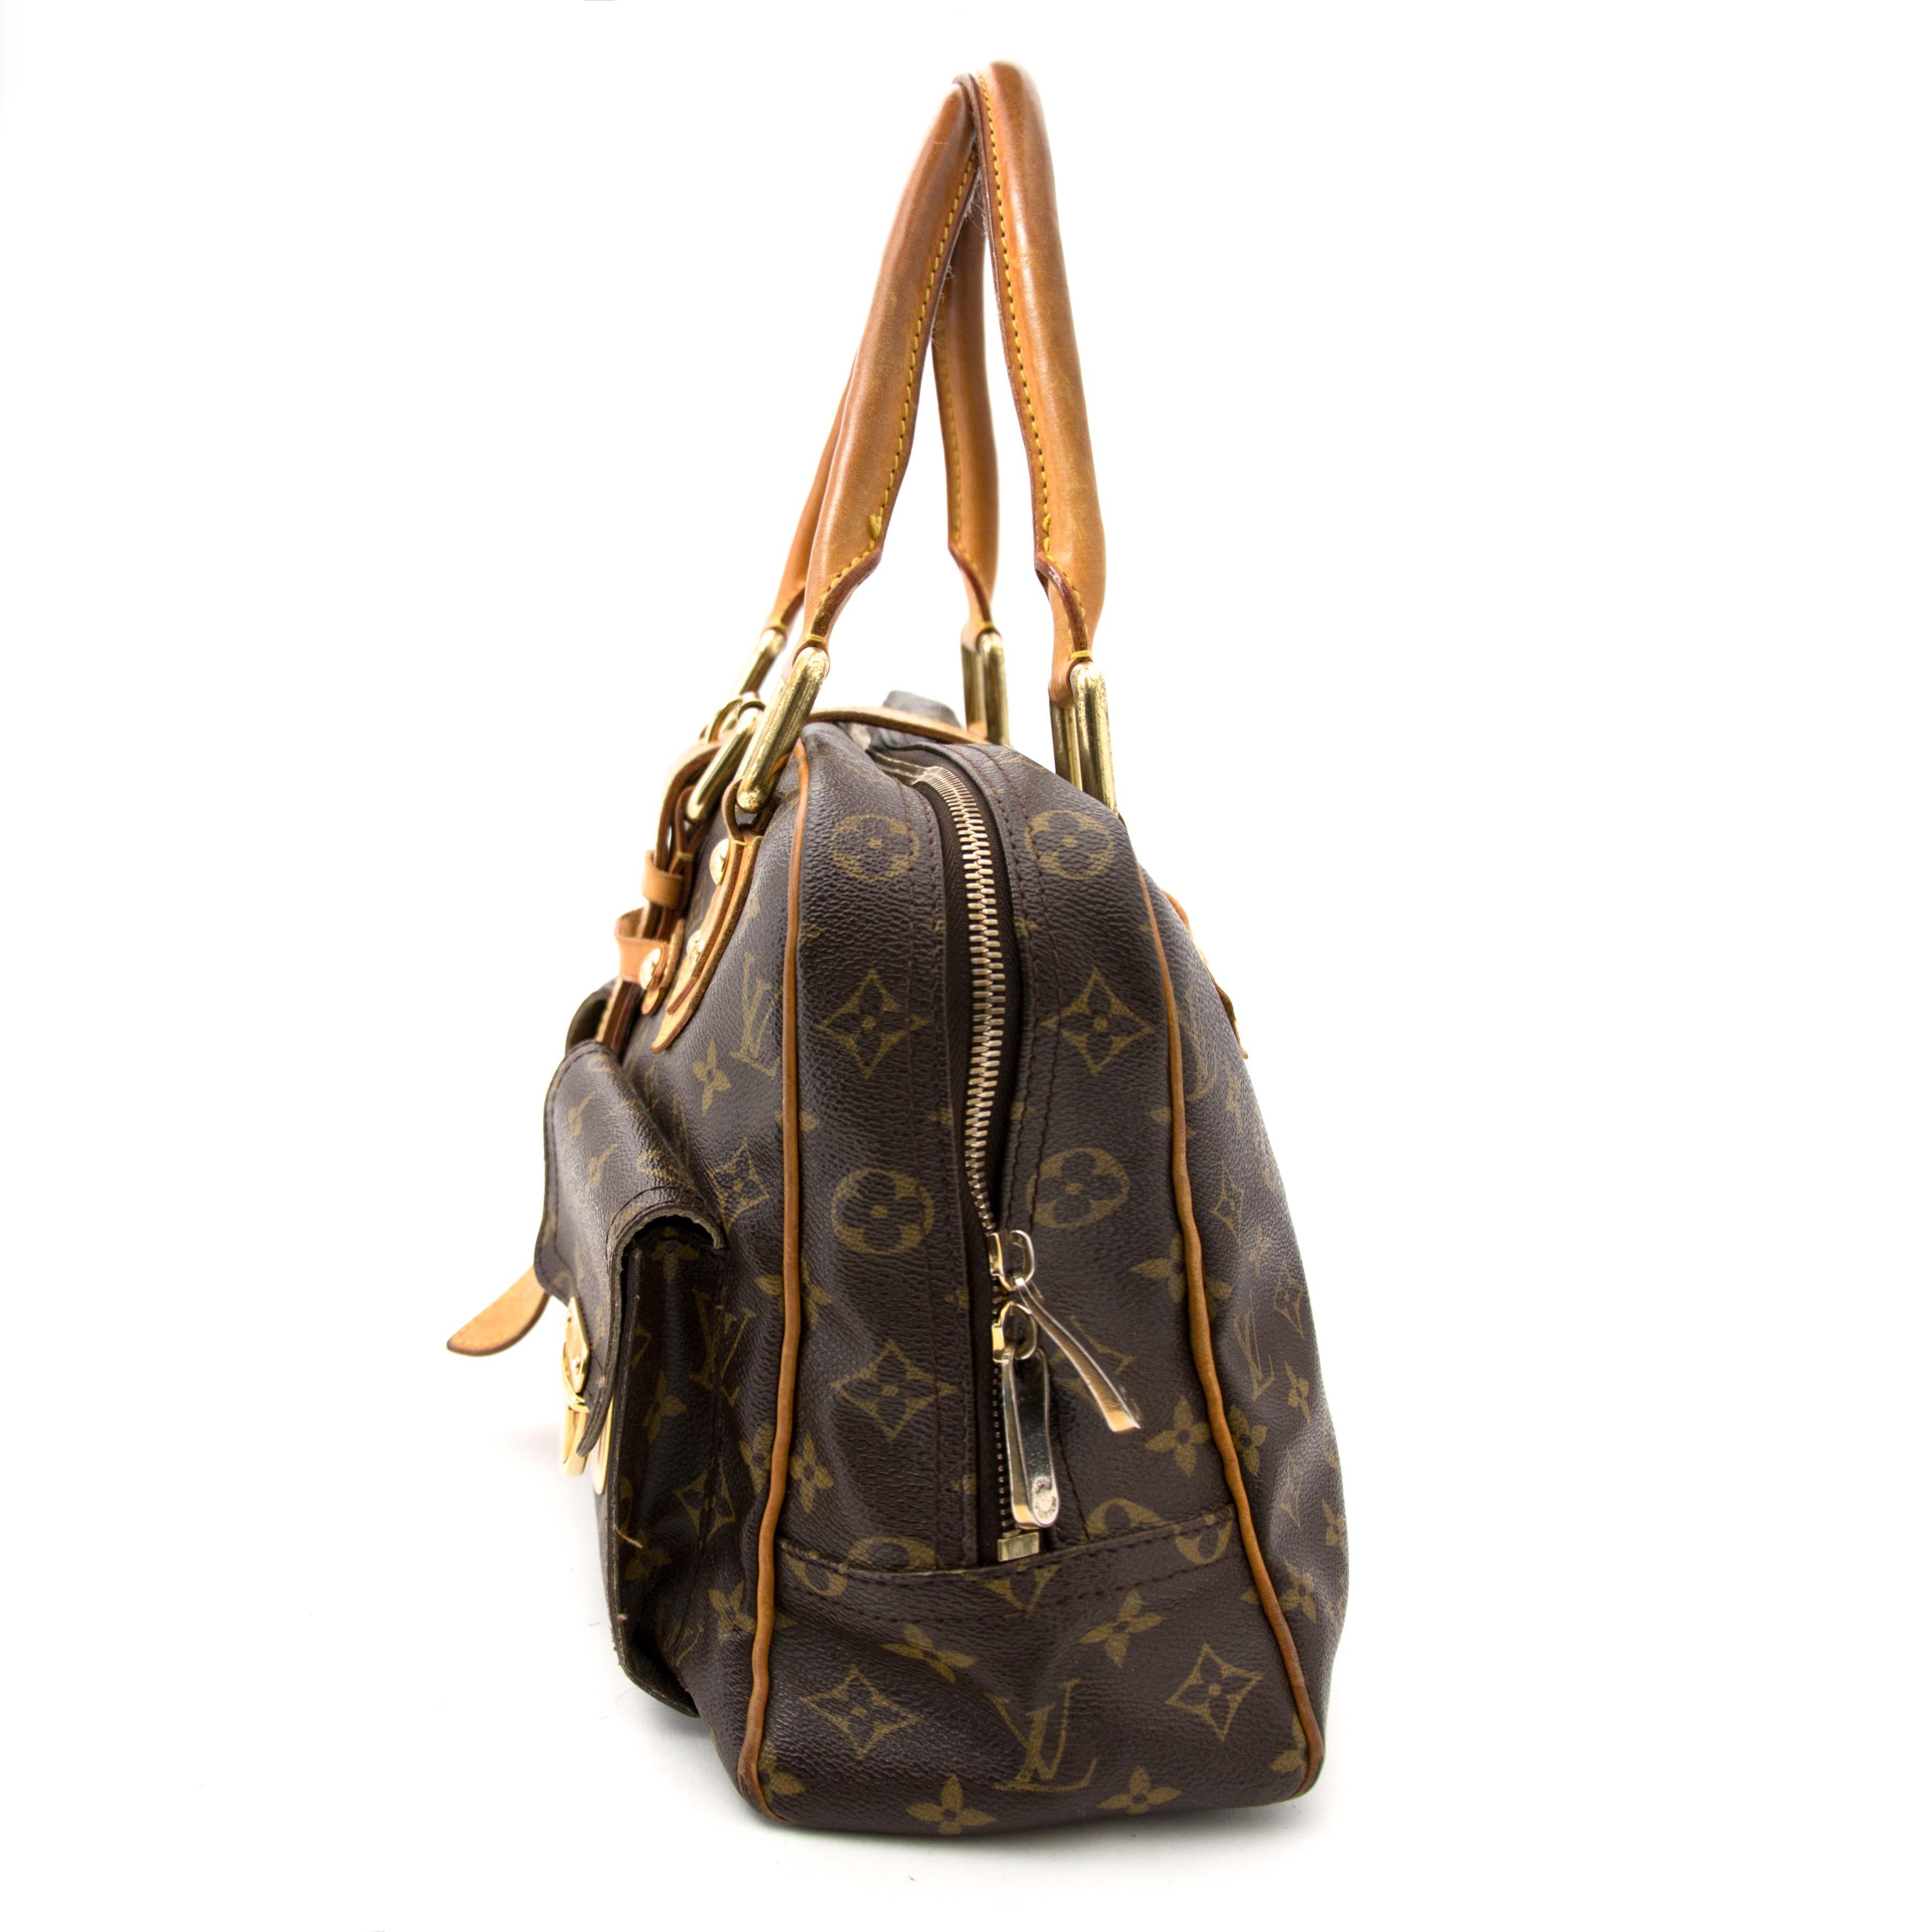 7191b16a073 ... koop veilig online aan de beste prijs Louis Vuitton Monogram Canvas Manhattan  GM Bag